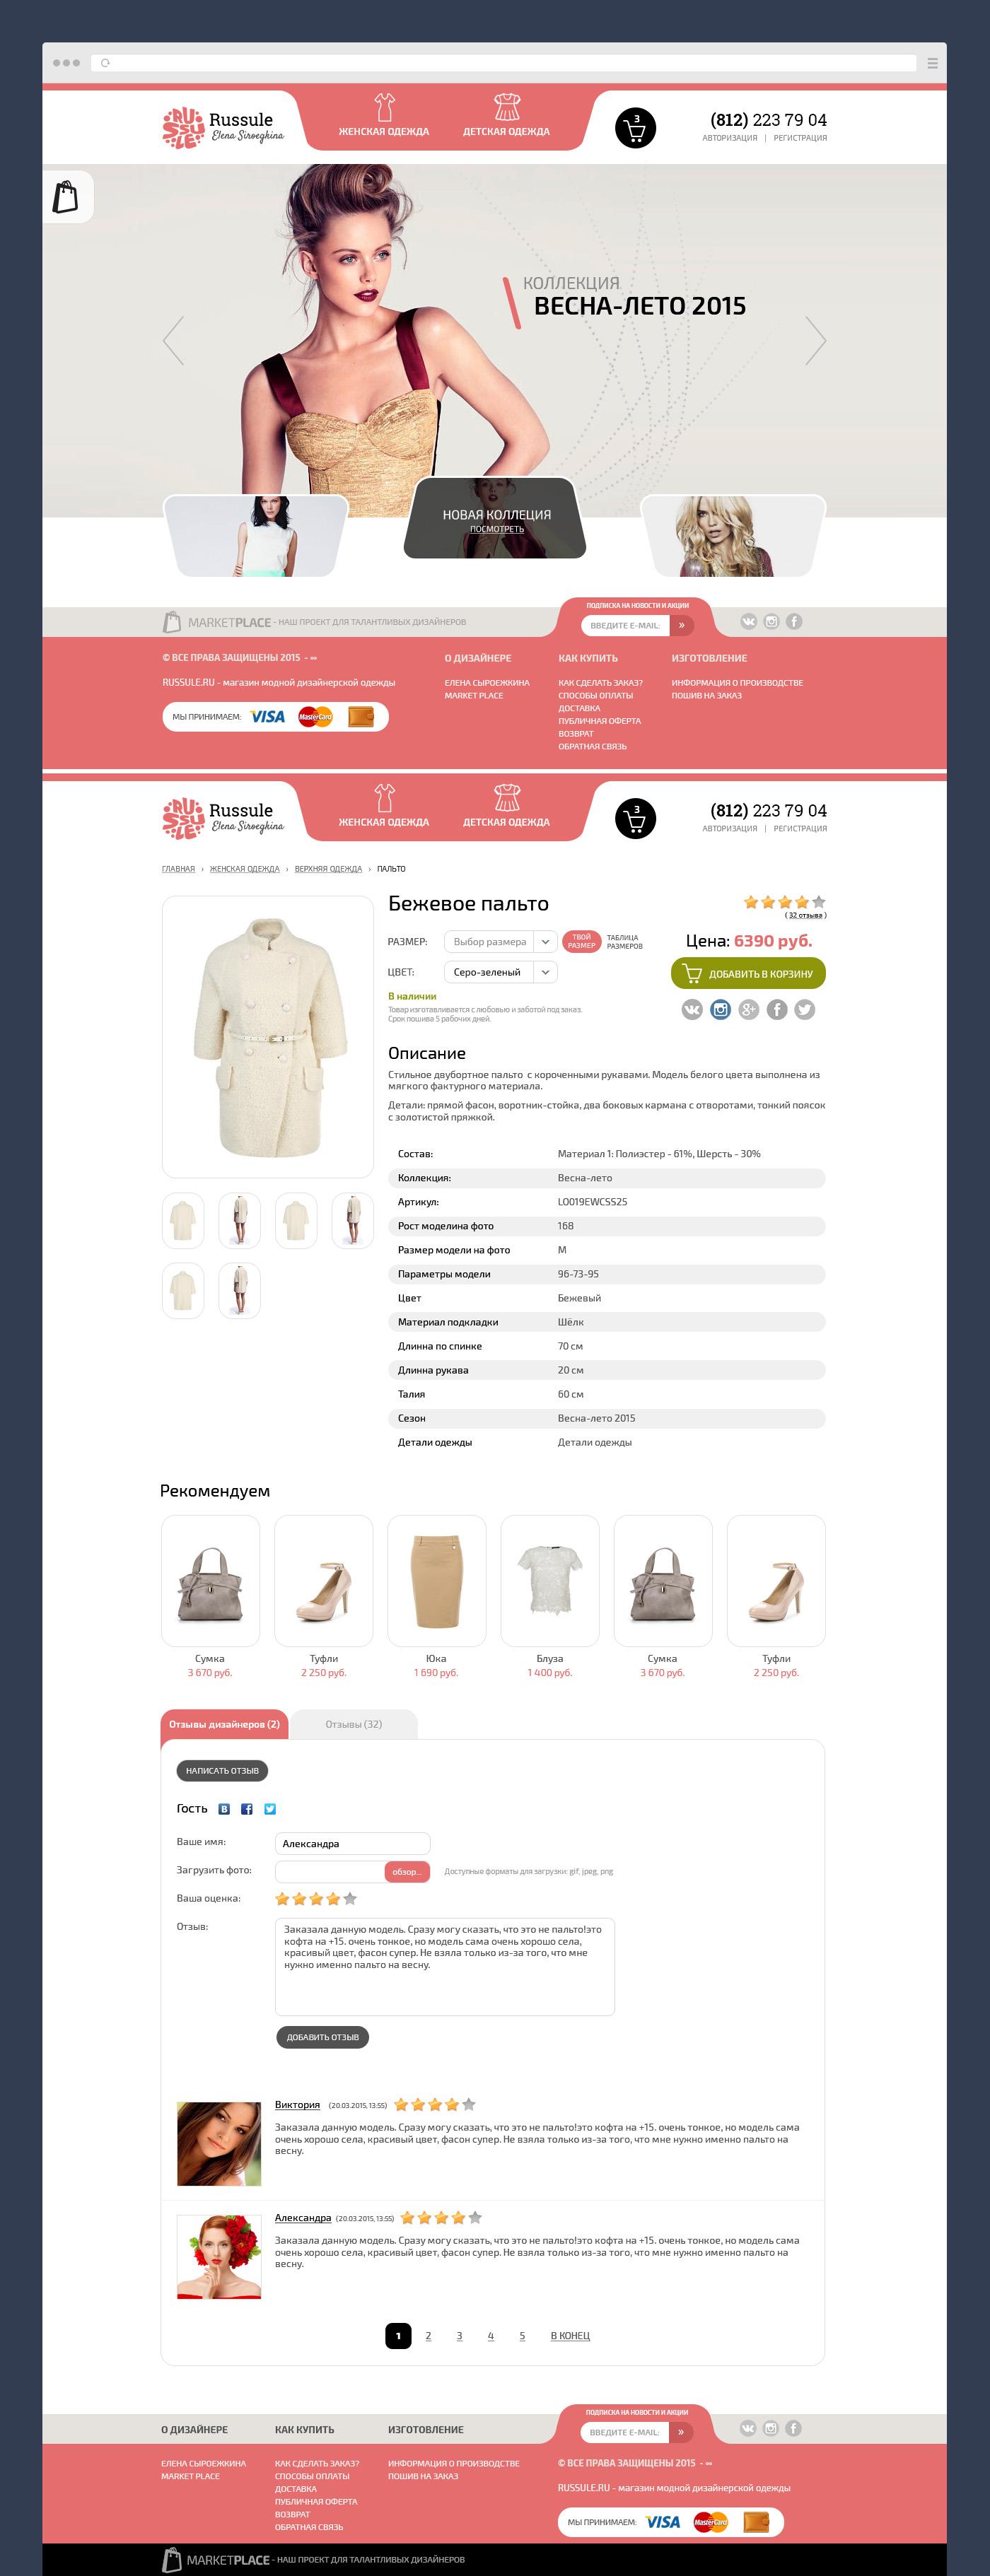 Адаптивный дизайн интернет магазина дизайнерской одежды